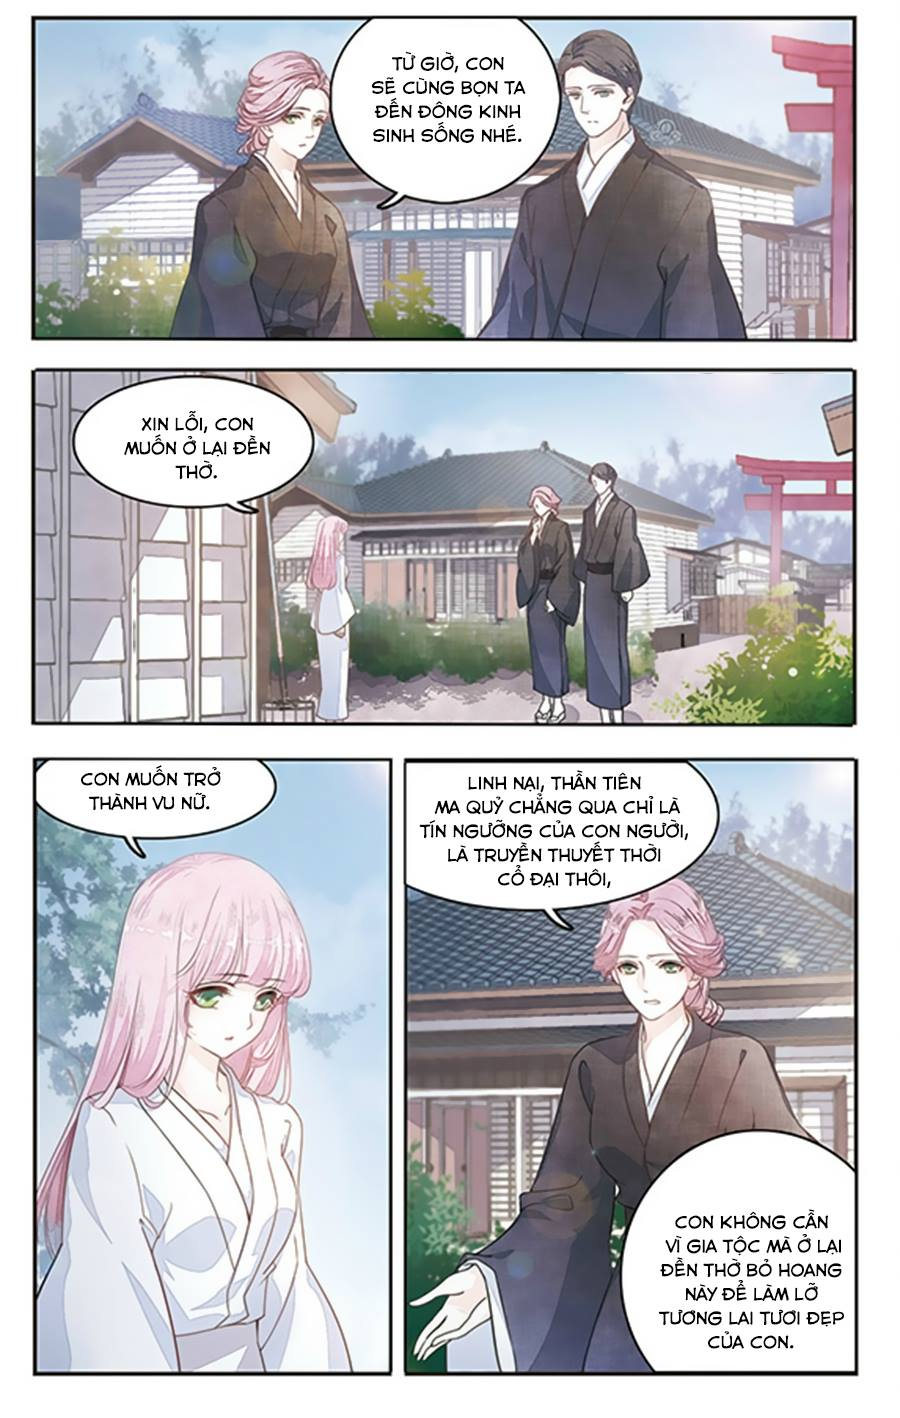 Yêu Chủ Đại Nhân Phải Lòng Vu Nữ chap 1 - Trang 7